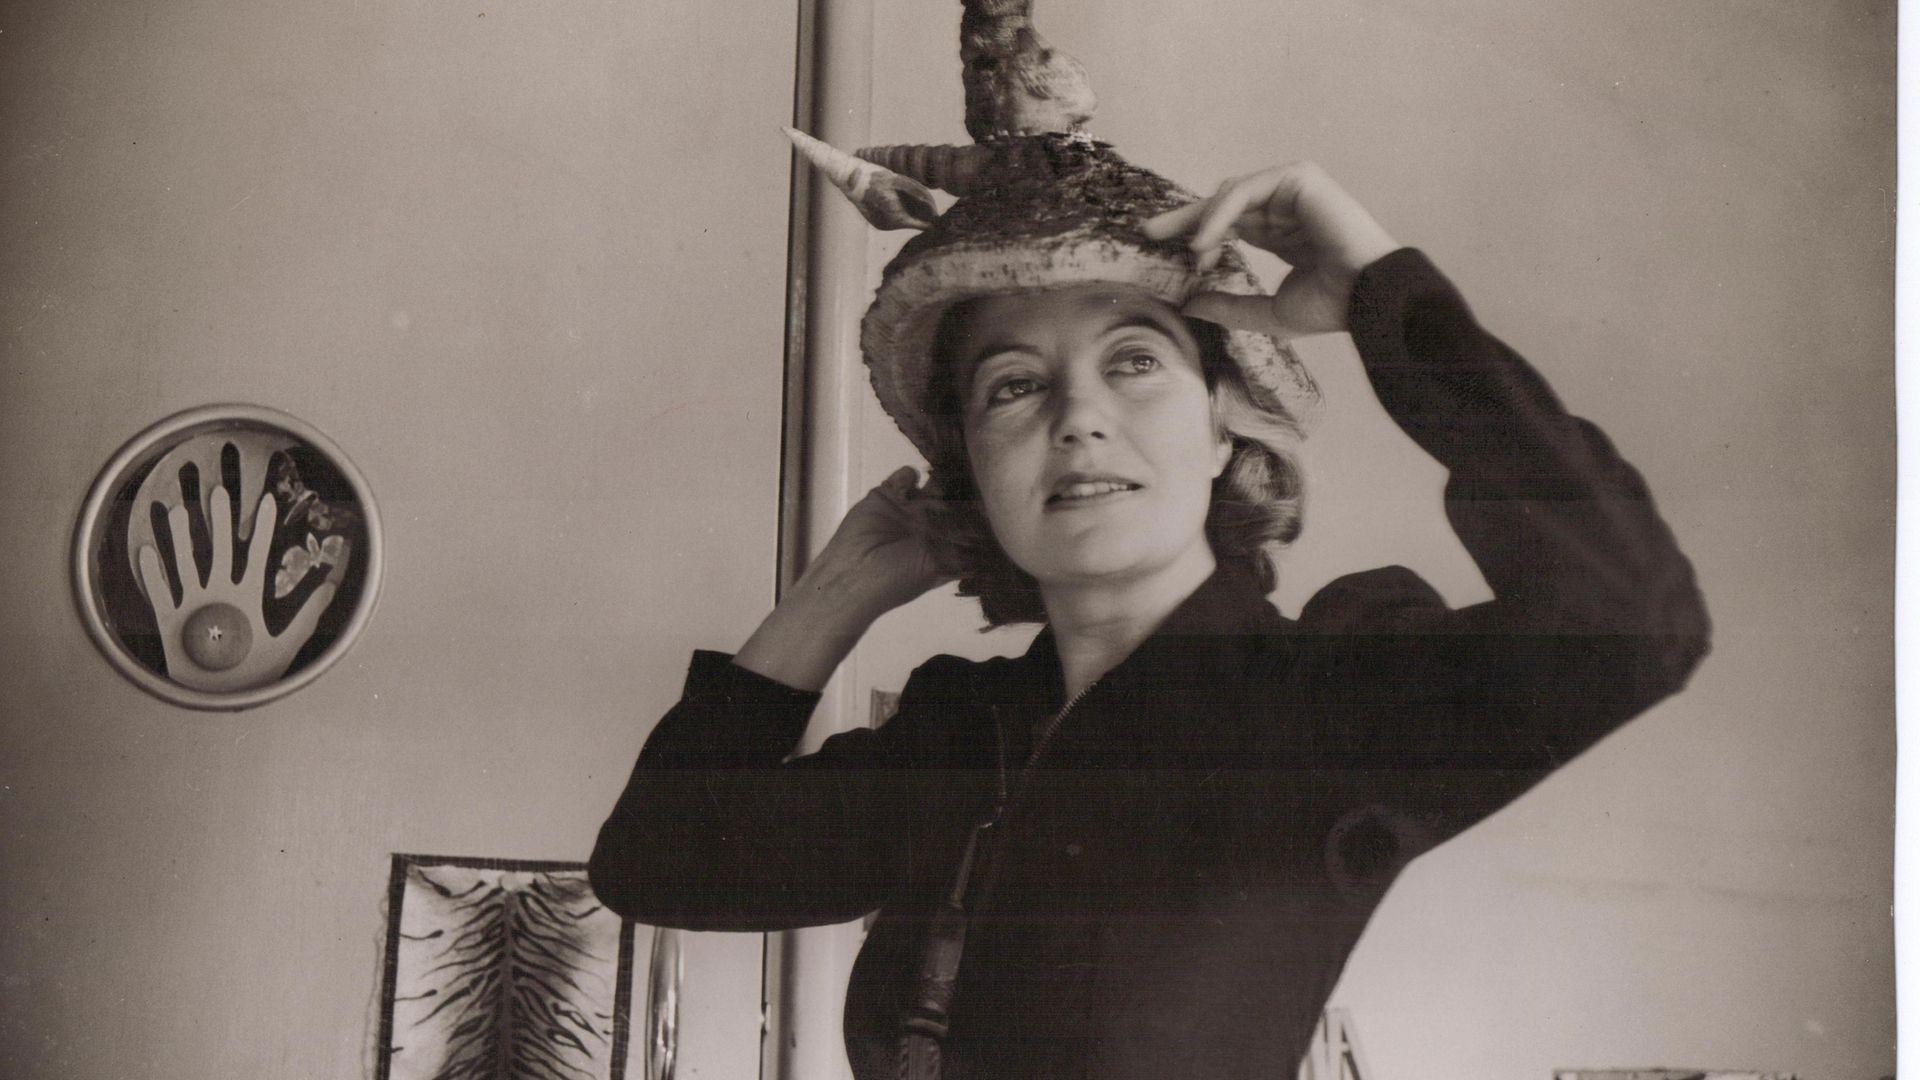 Eileen Agar wearing her Bouillabaisse hat ©Estate of Eileen Agar/Bridgeman Images - Credit: Whitechapel Gallery